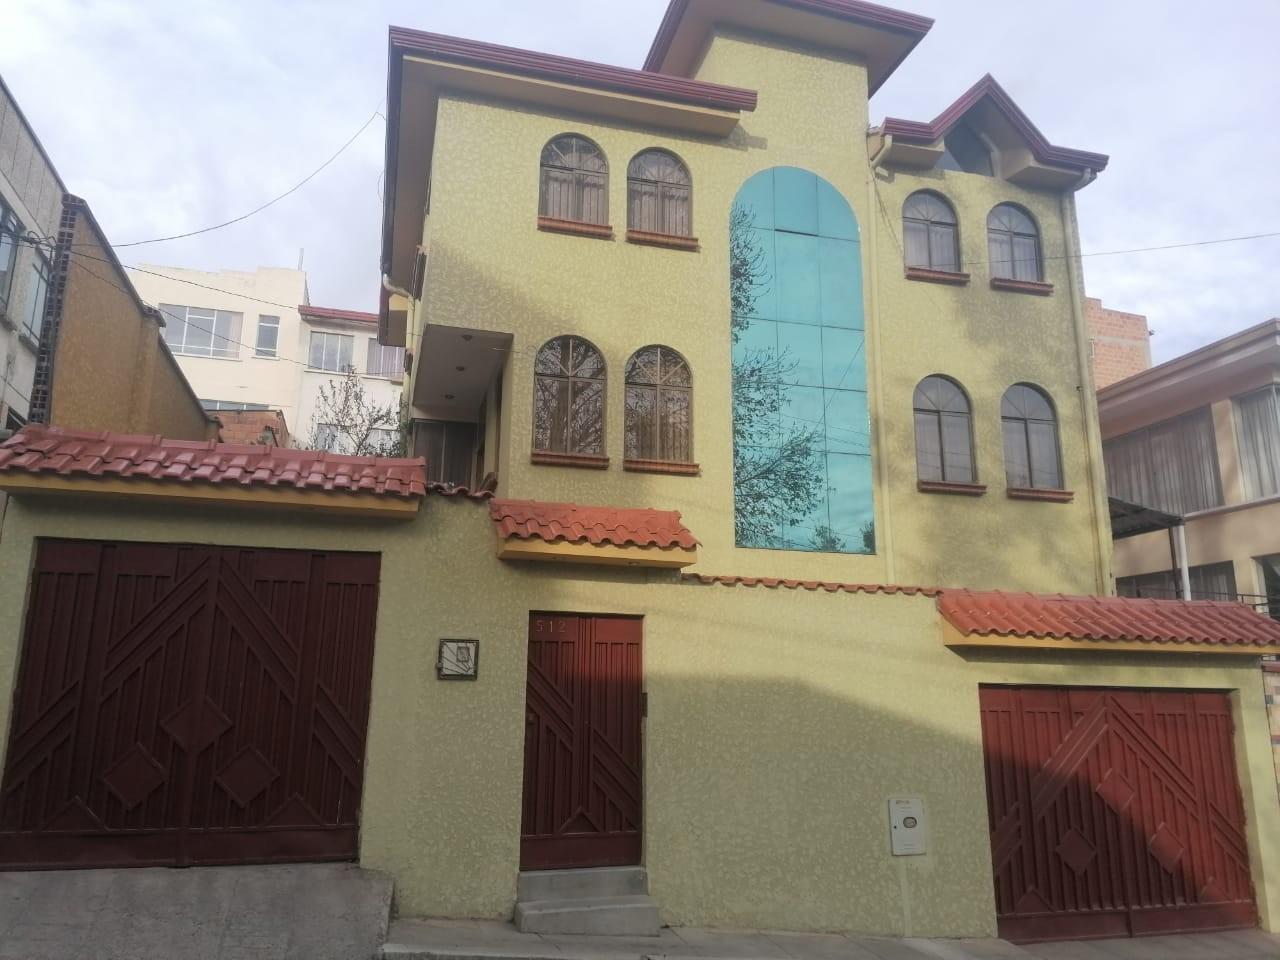 Casa en Venta BONITA CASA EN VENTA EN ALTO OBRAJES EN PLENA PLAZA AMISTAD Foto 1